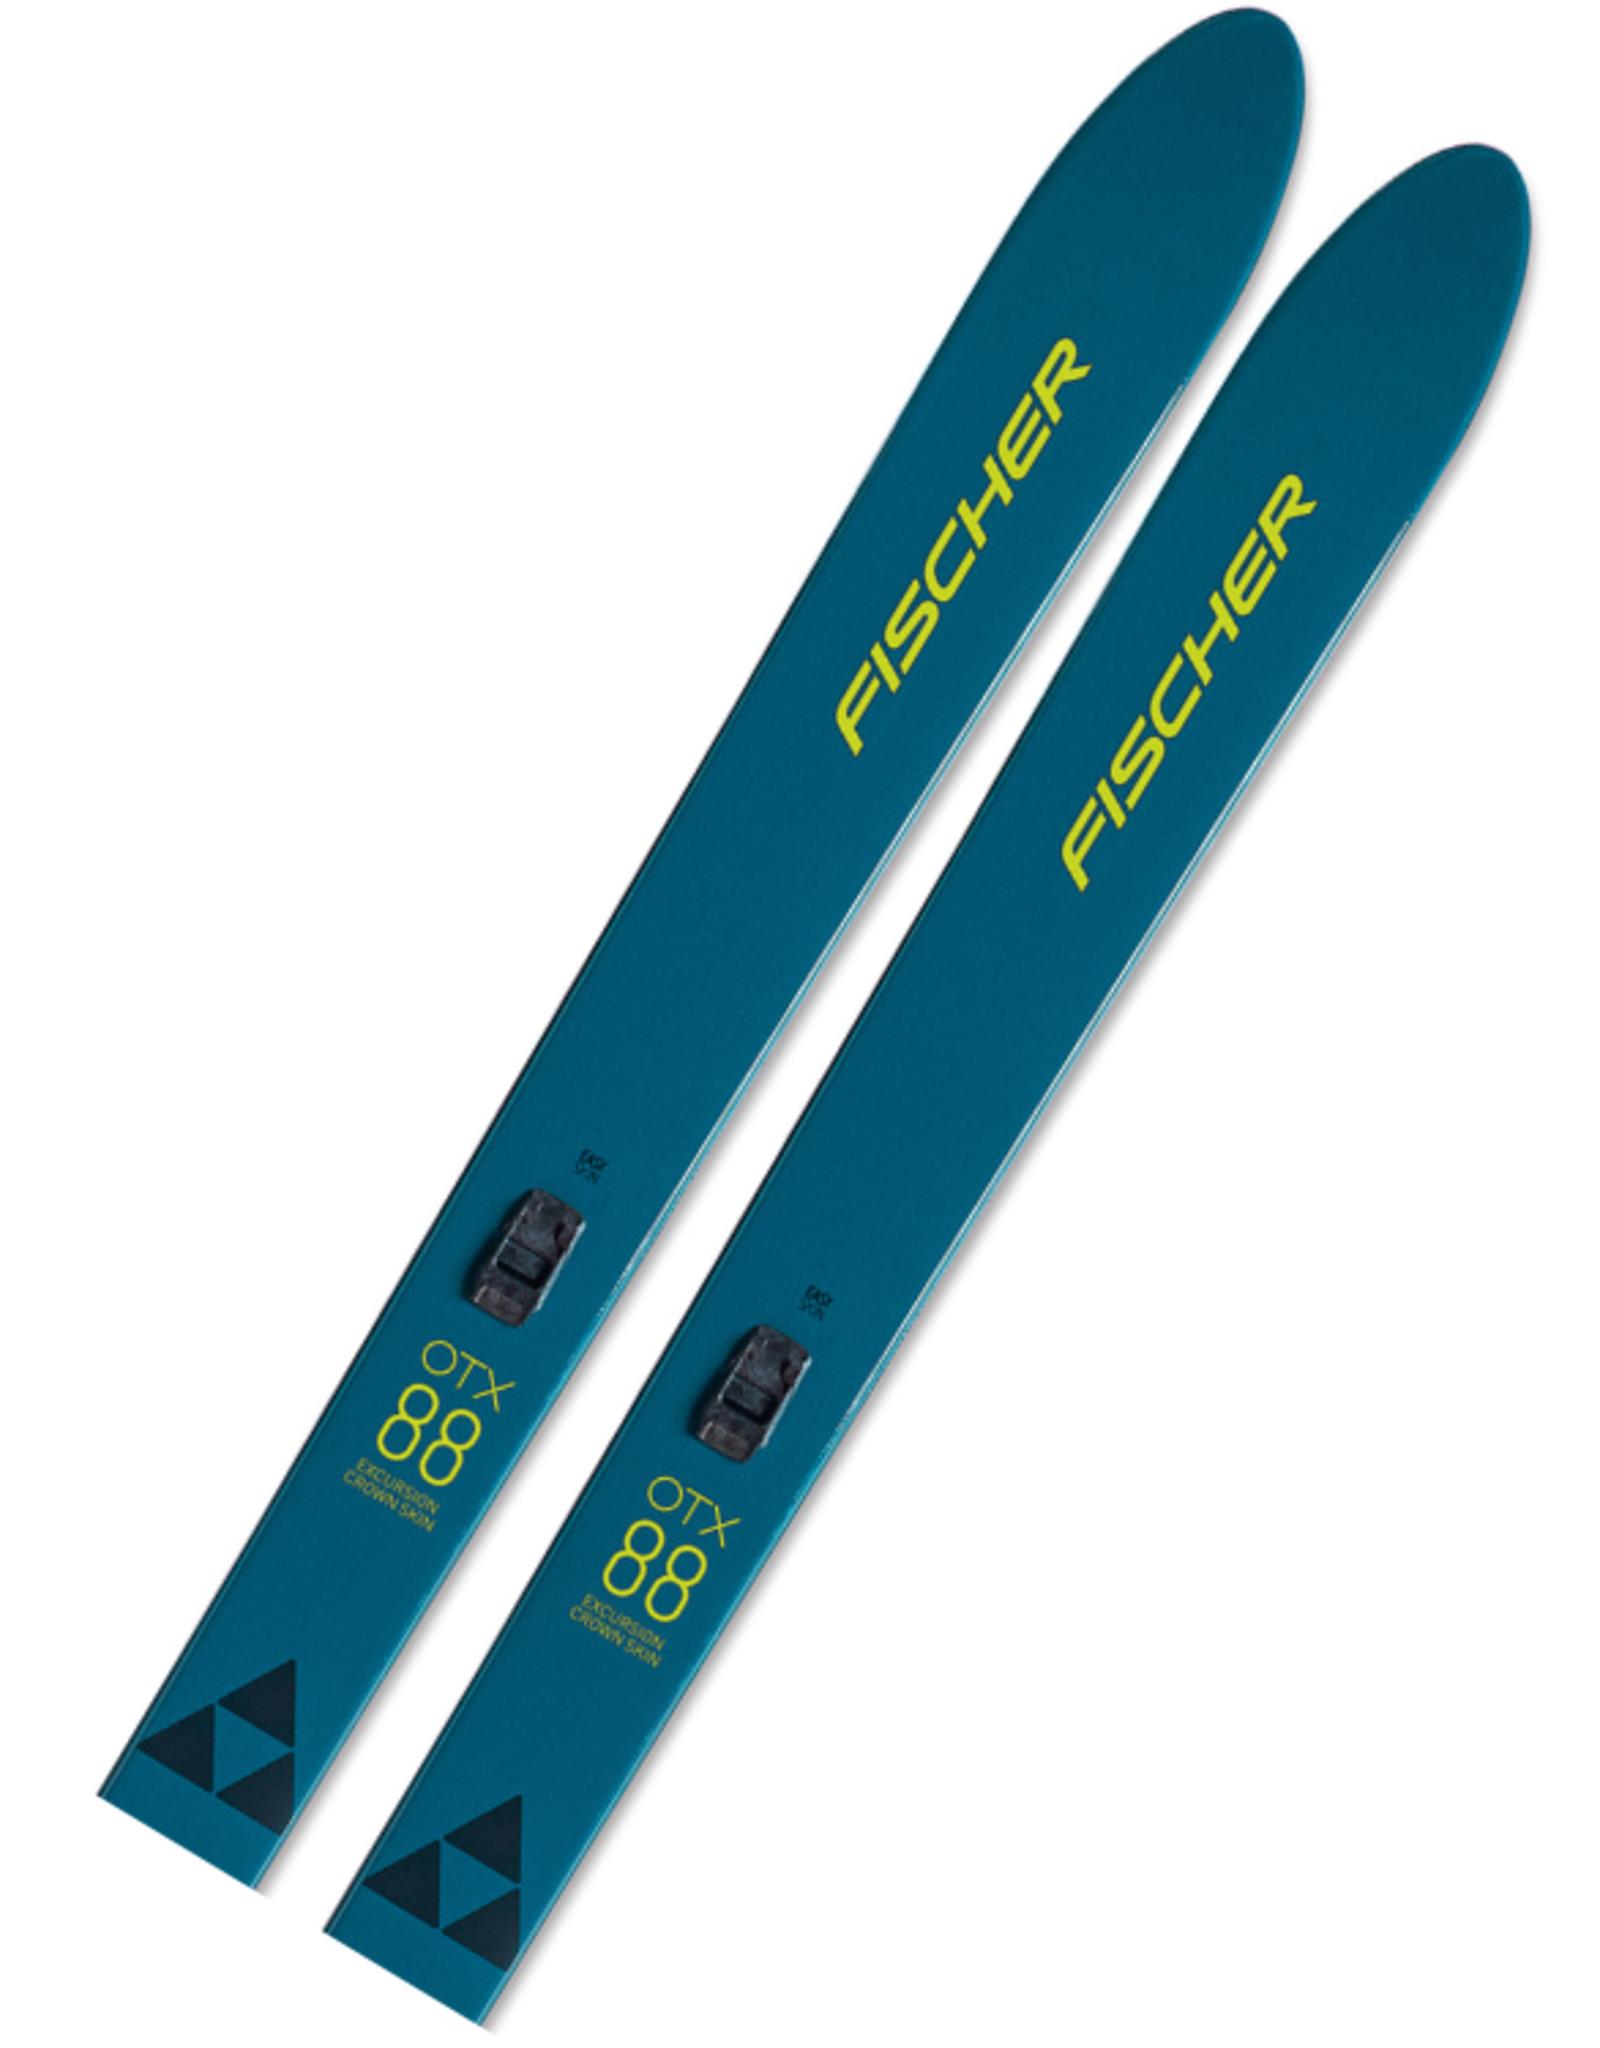 Fischer Fischer 2022 Excursion 88 Crown/Skin Xtralite BC Ski